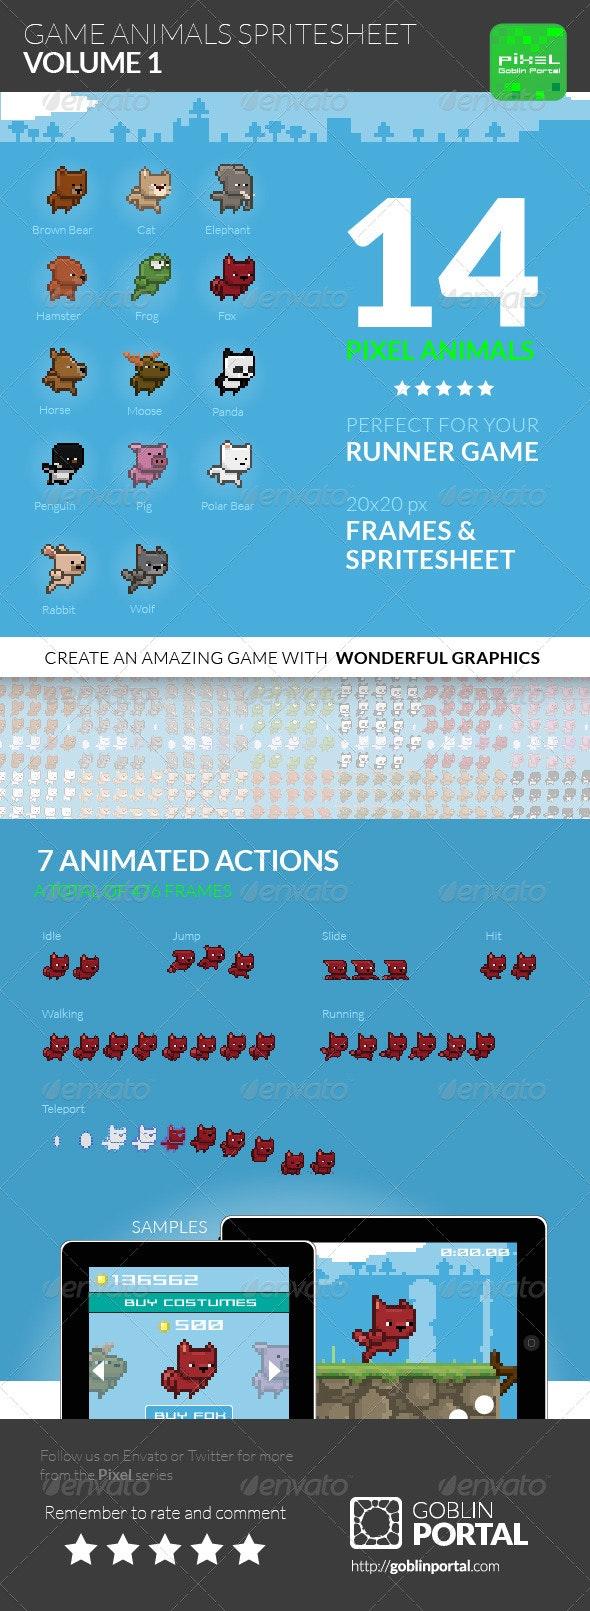 Game Animals Sprite Sheet | Volume 1 - Sprites Game Assets